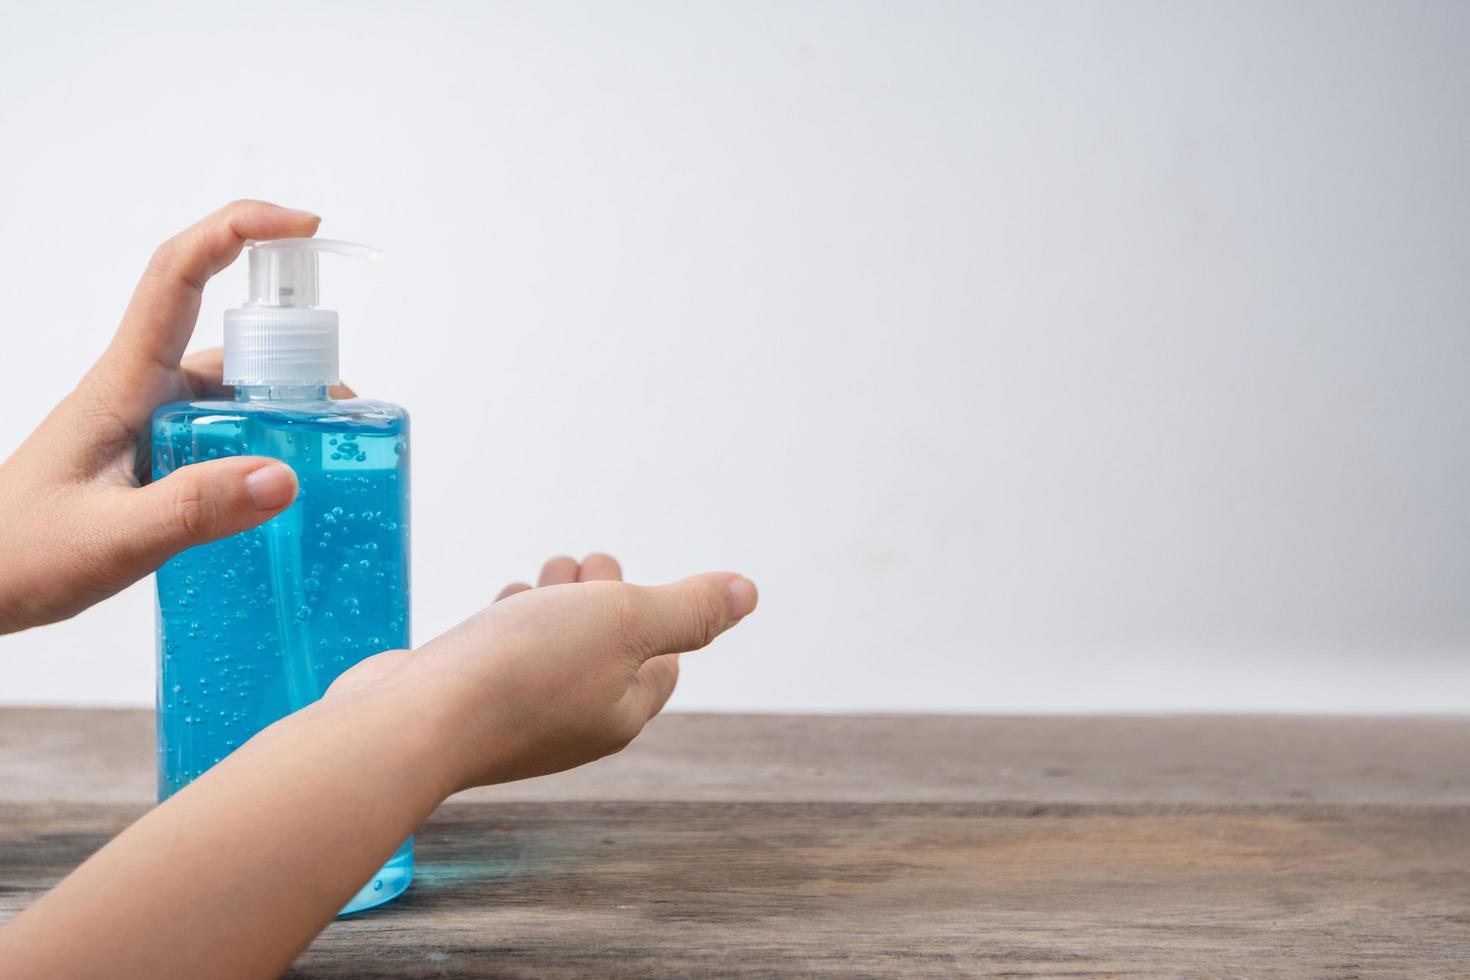 Una mano presionando alcohol desinfectante sobre una mesa foto